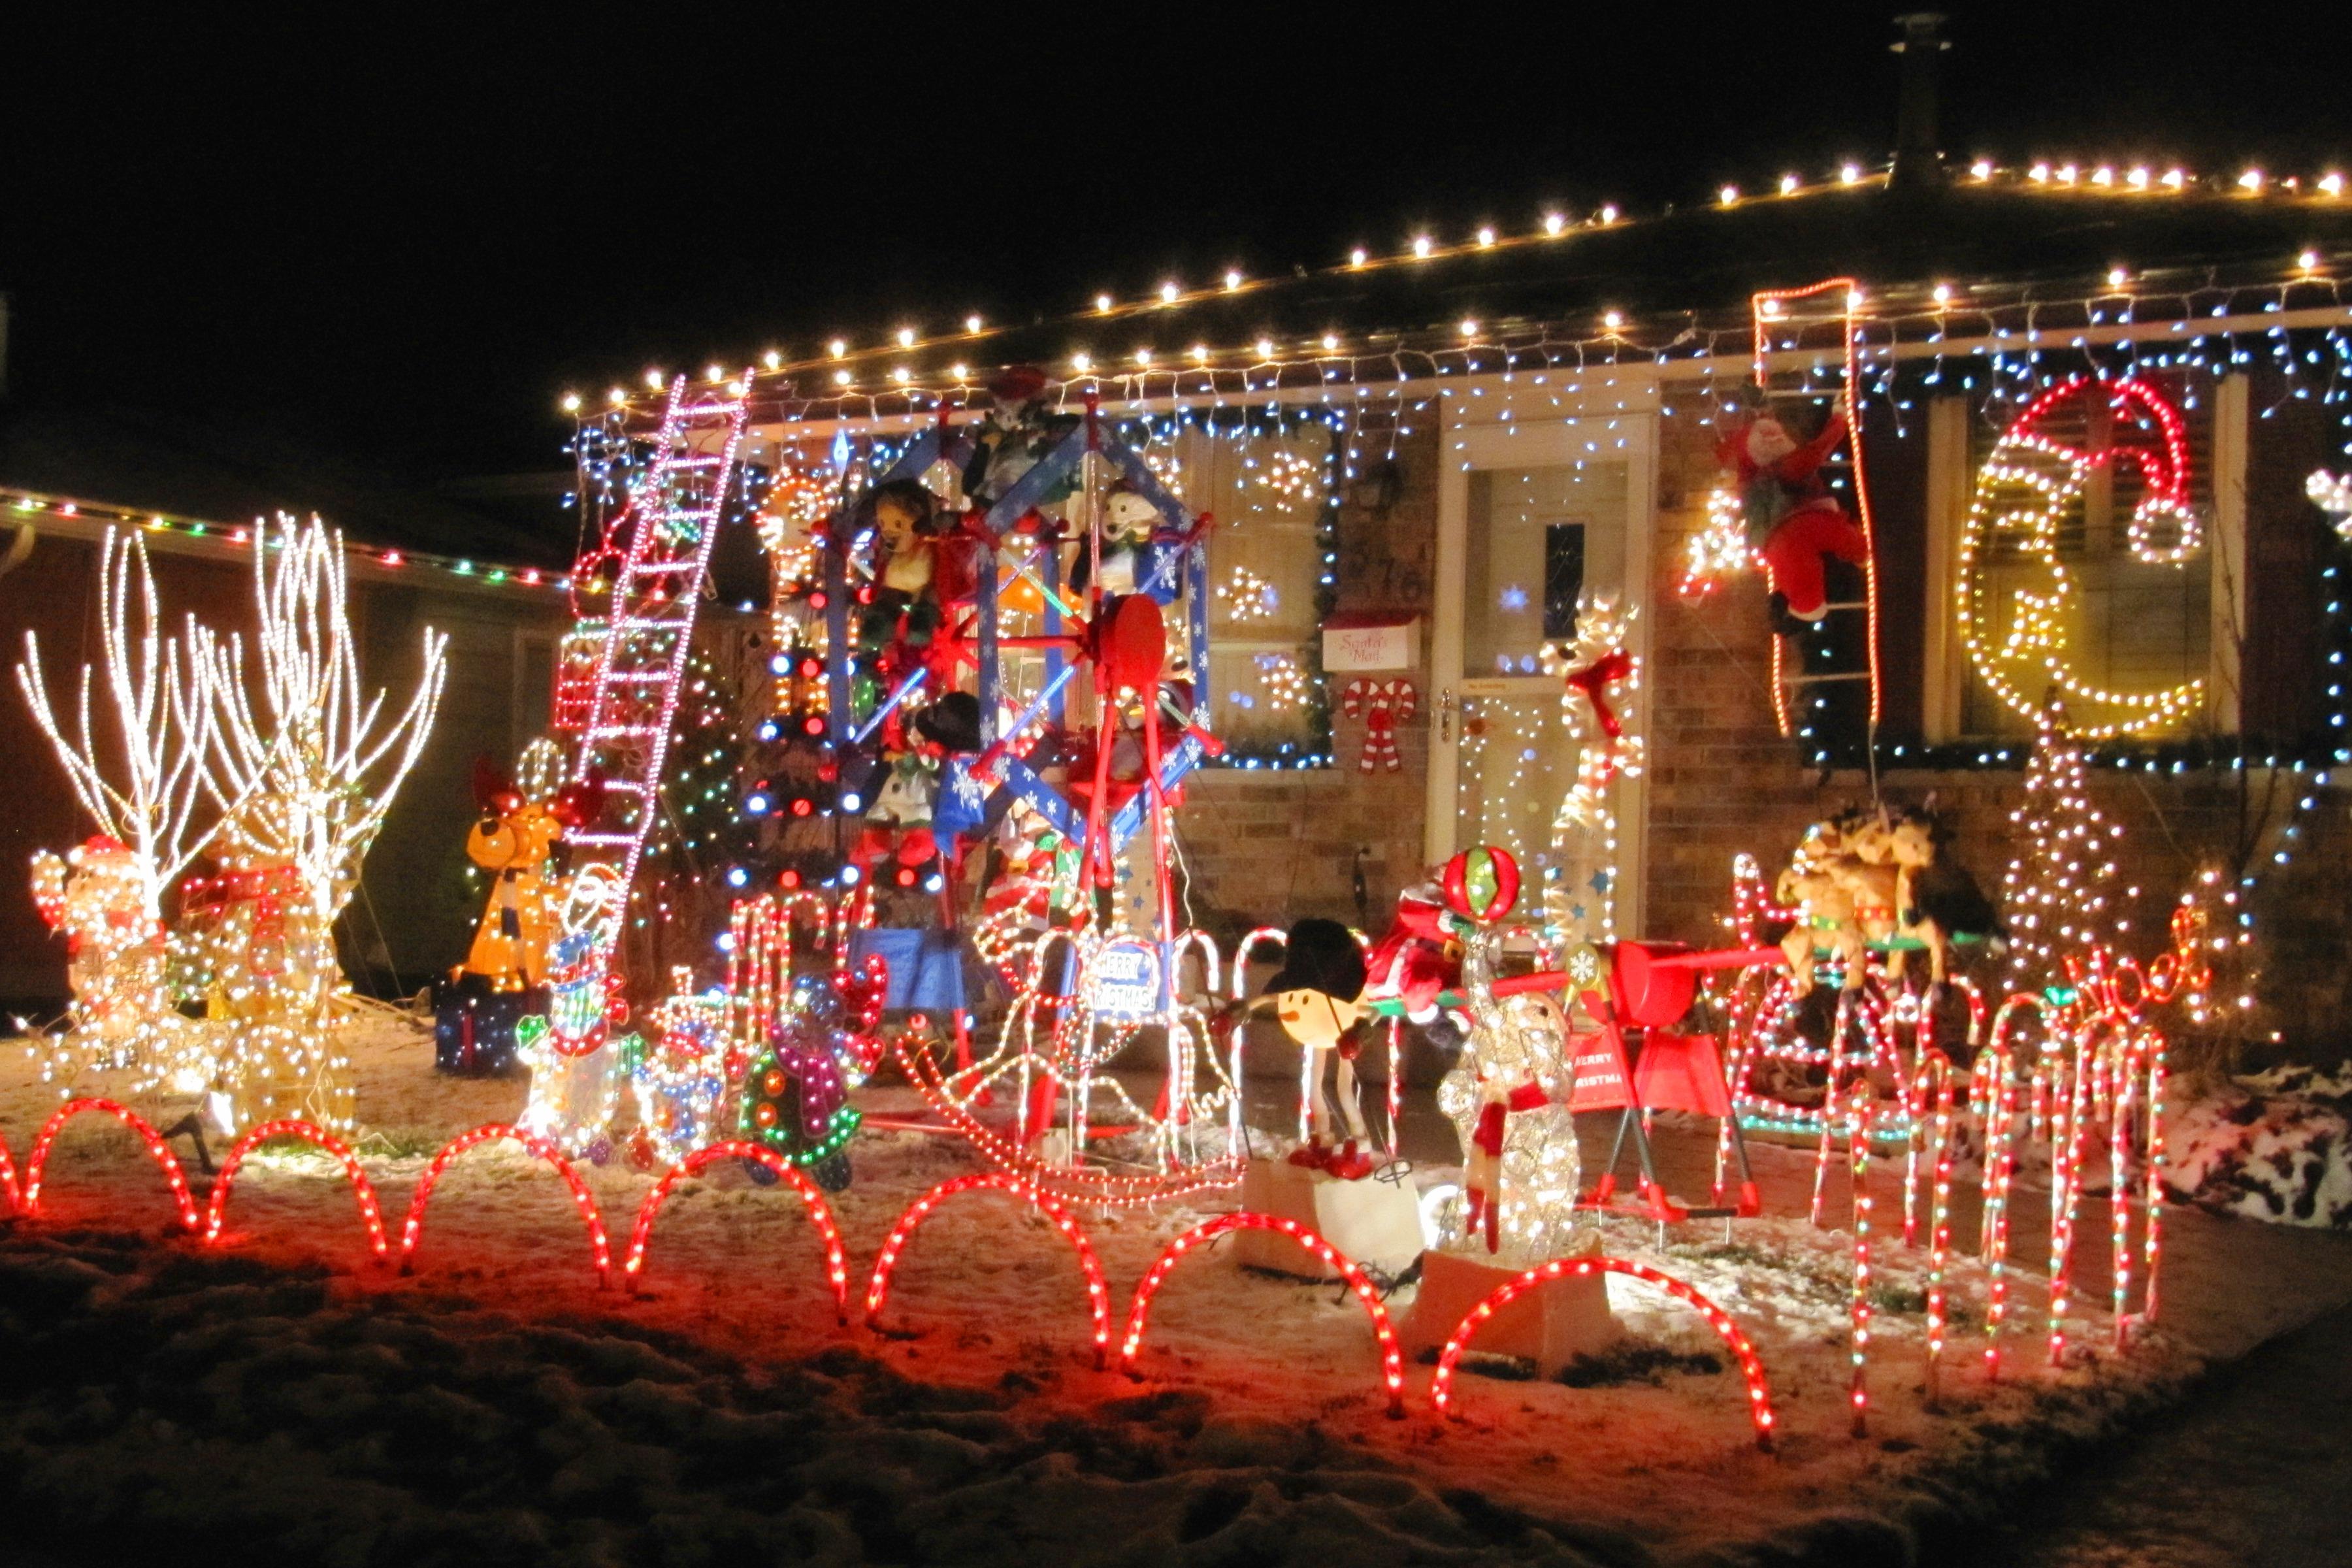 Un viaggio da babbo natale, santa claus: Natale In Canada Wikipedia